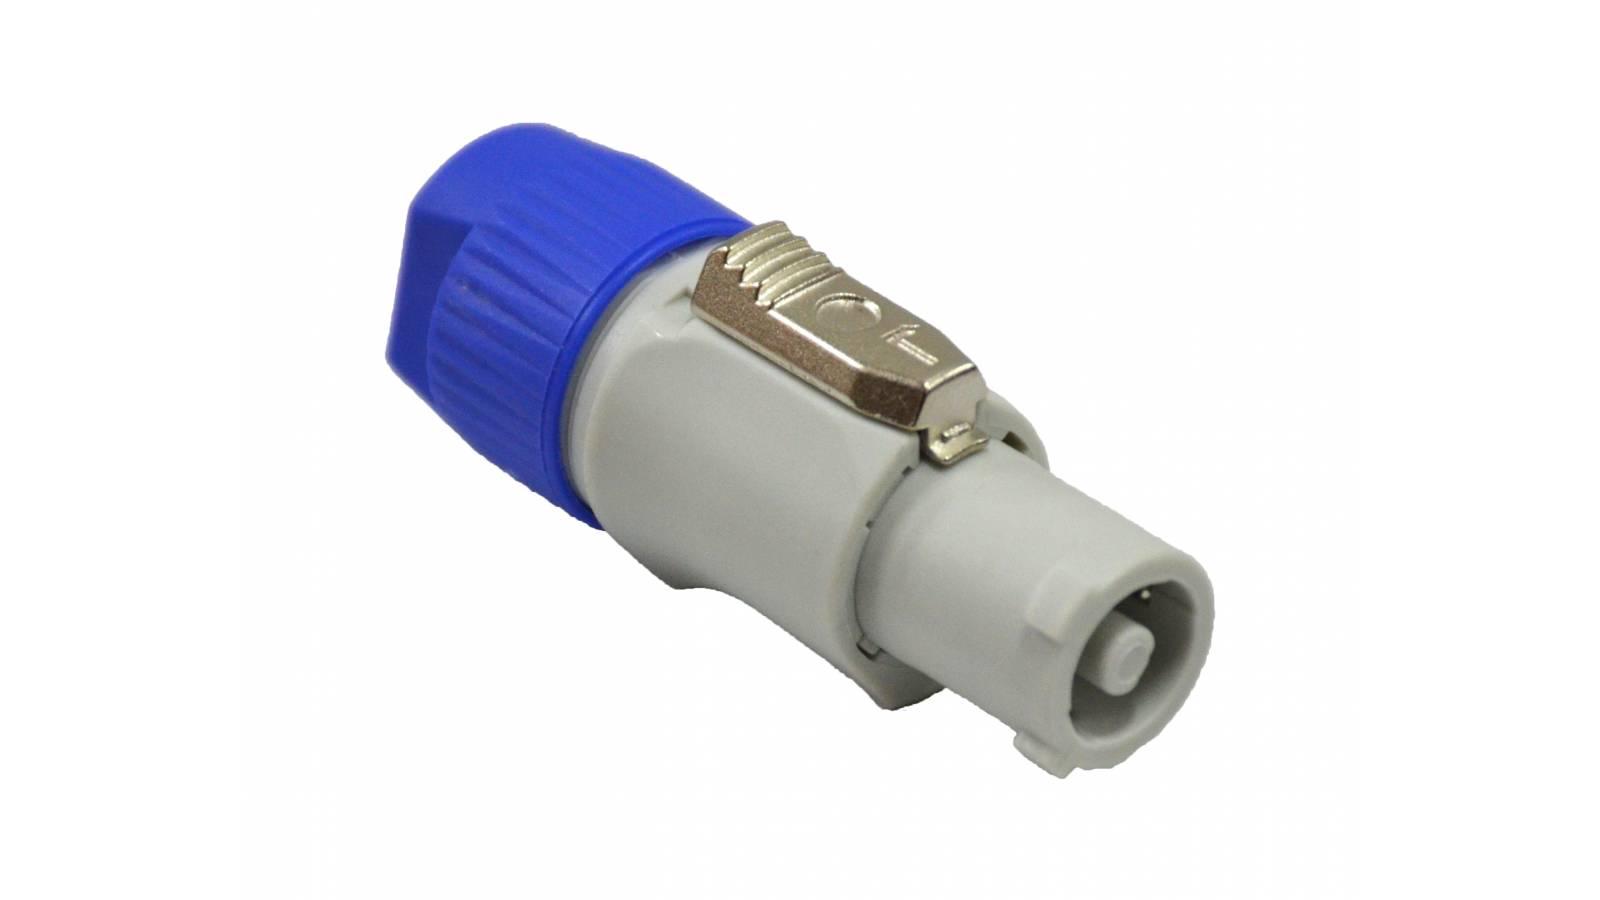 Conector Powercon B - Salida de corriente universal - 2 Polos más tierra